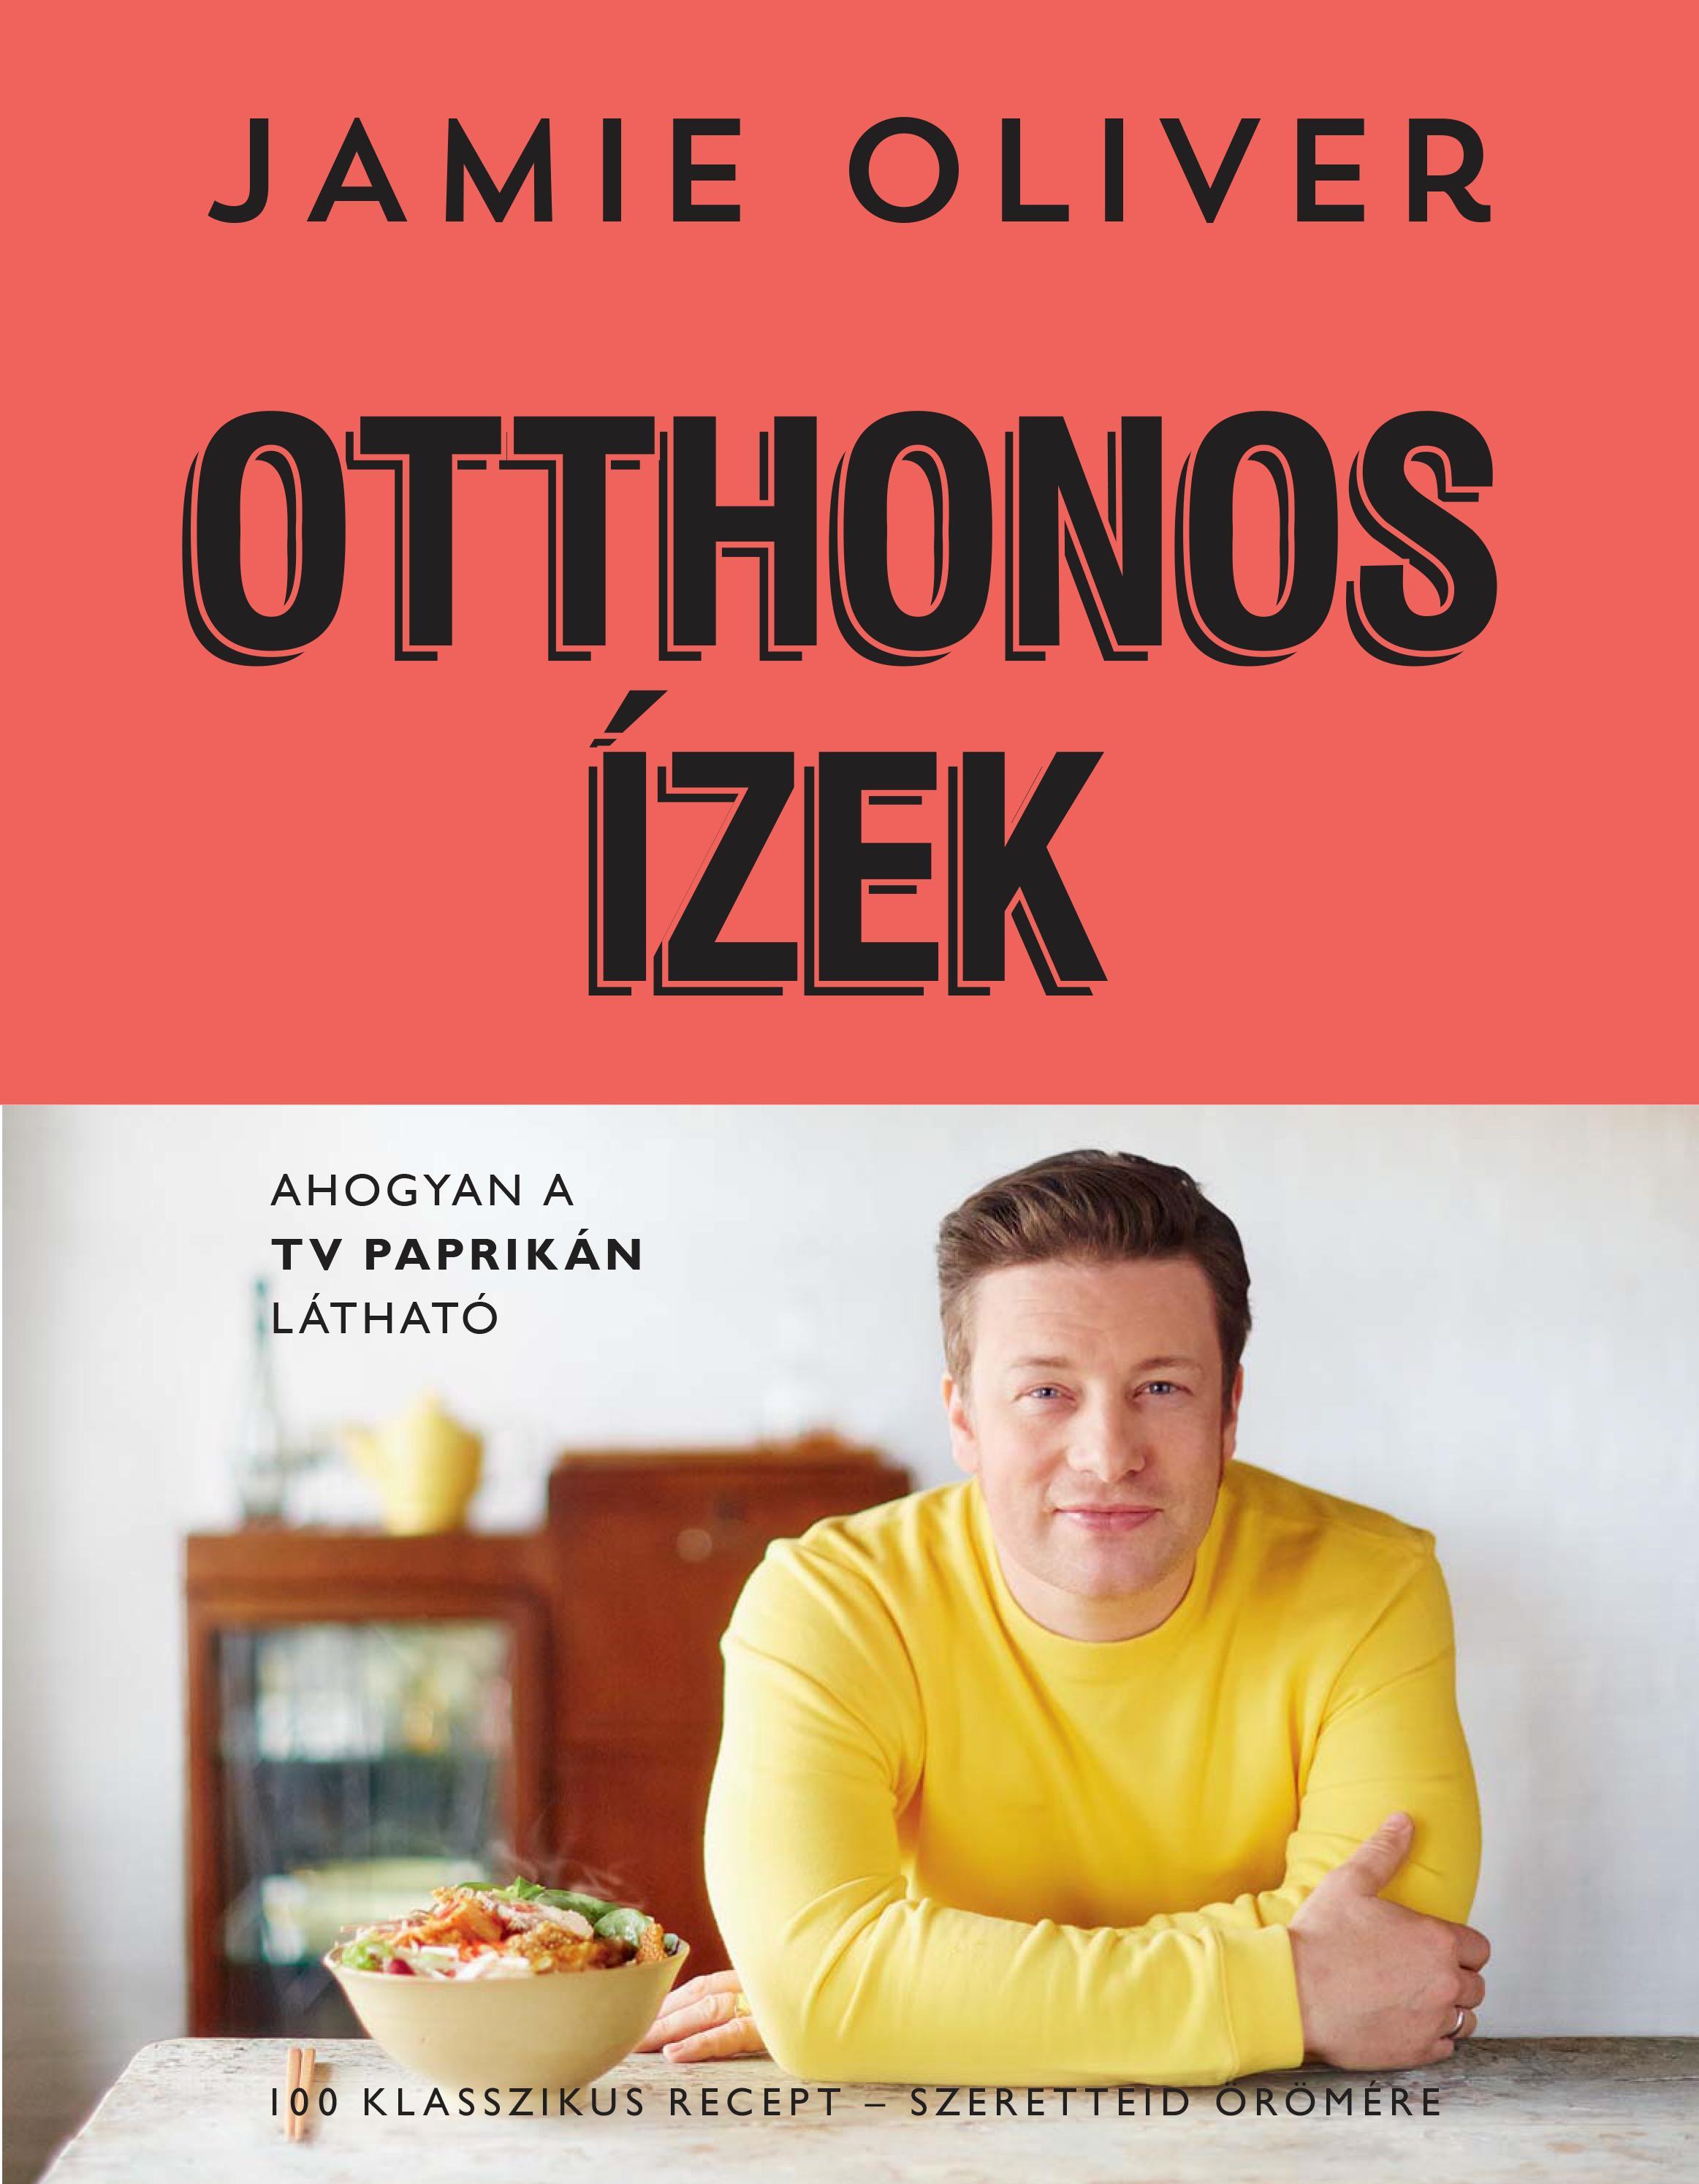 OTTHONOS ÍZEK - 100 KLASSZIKUS RECEPT - SZERETTEID ÖRÖMÉRE